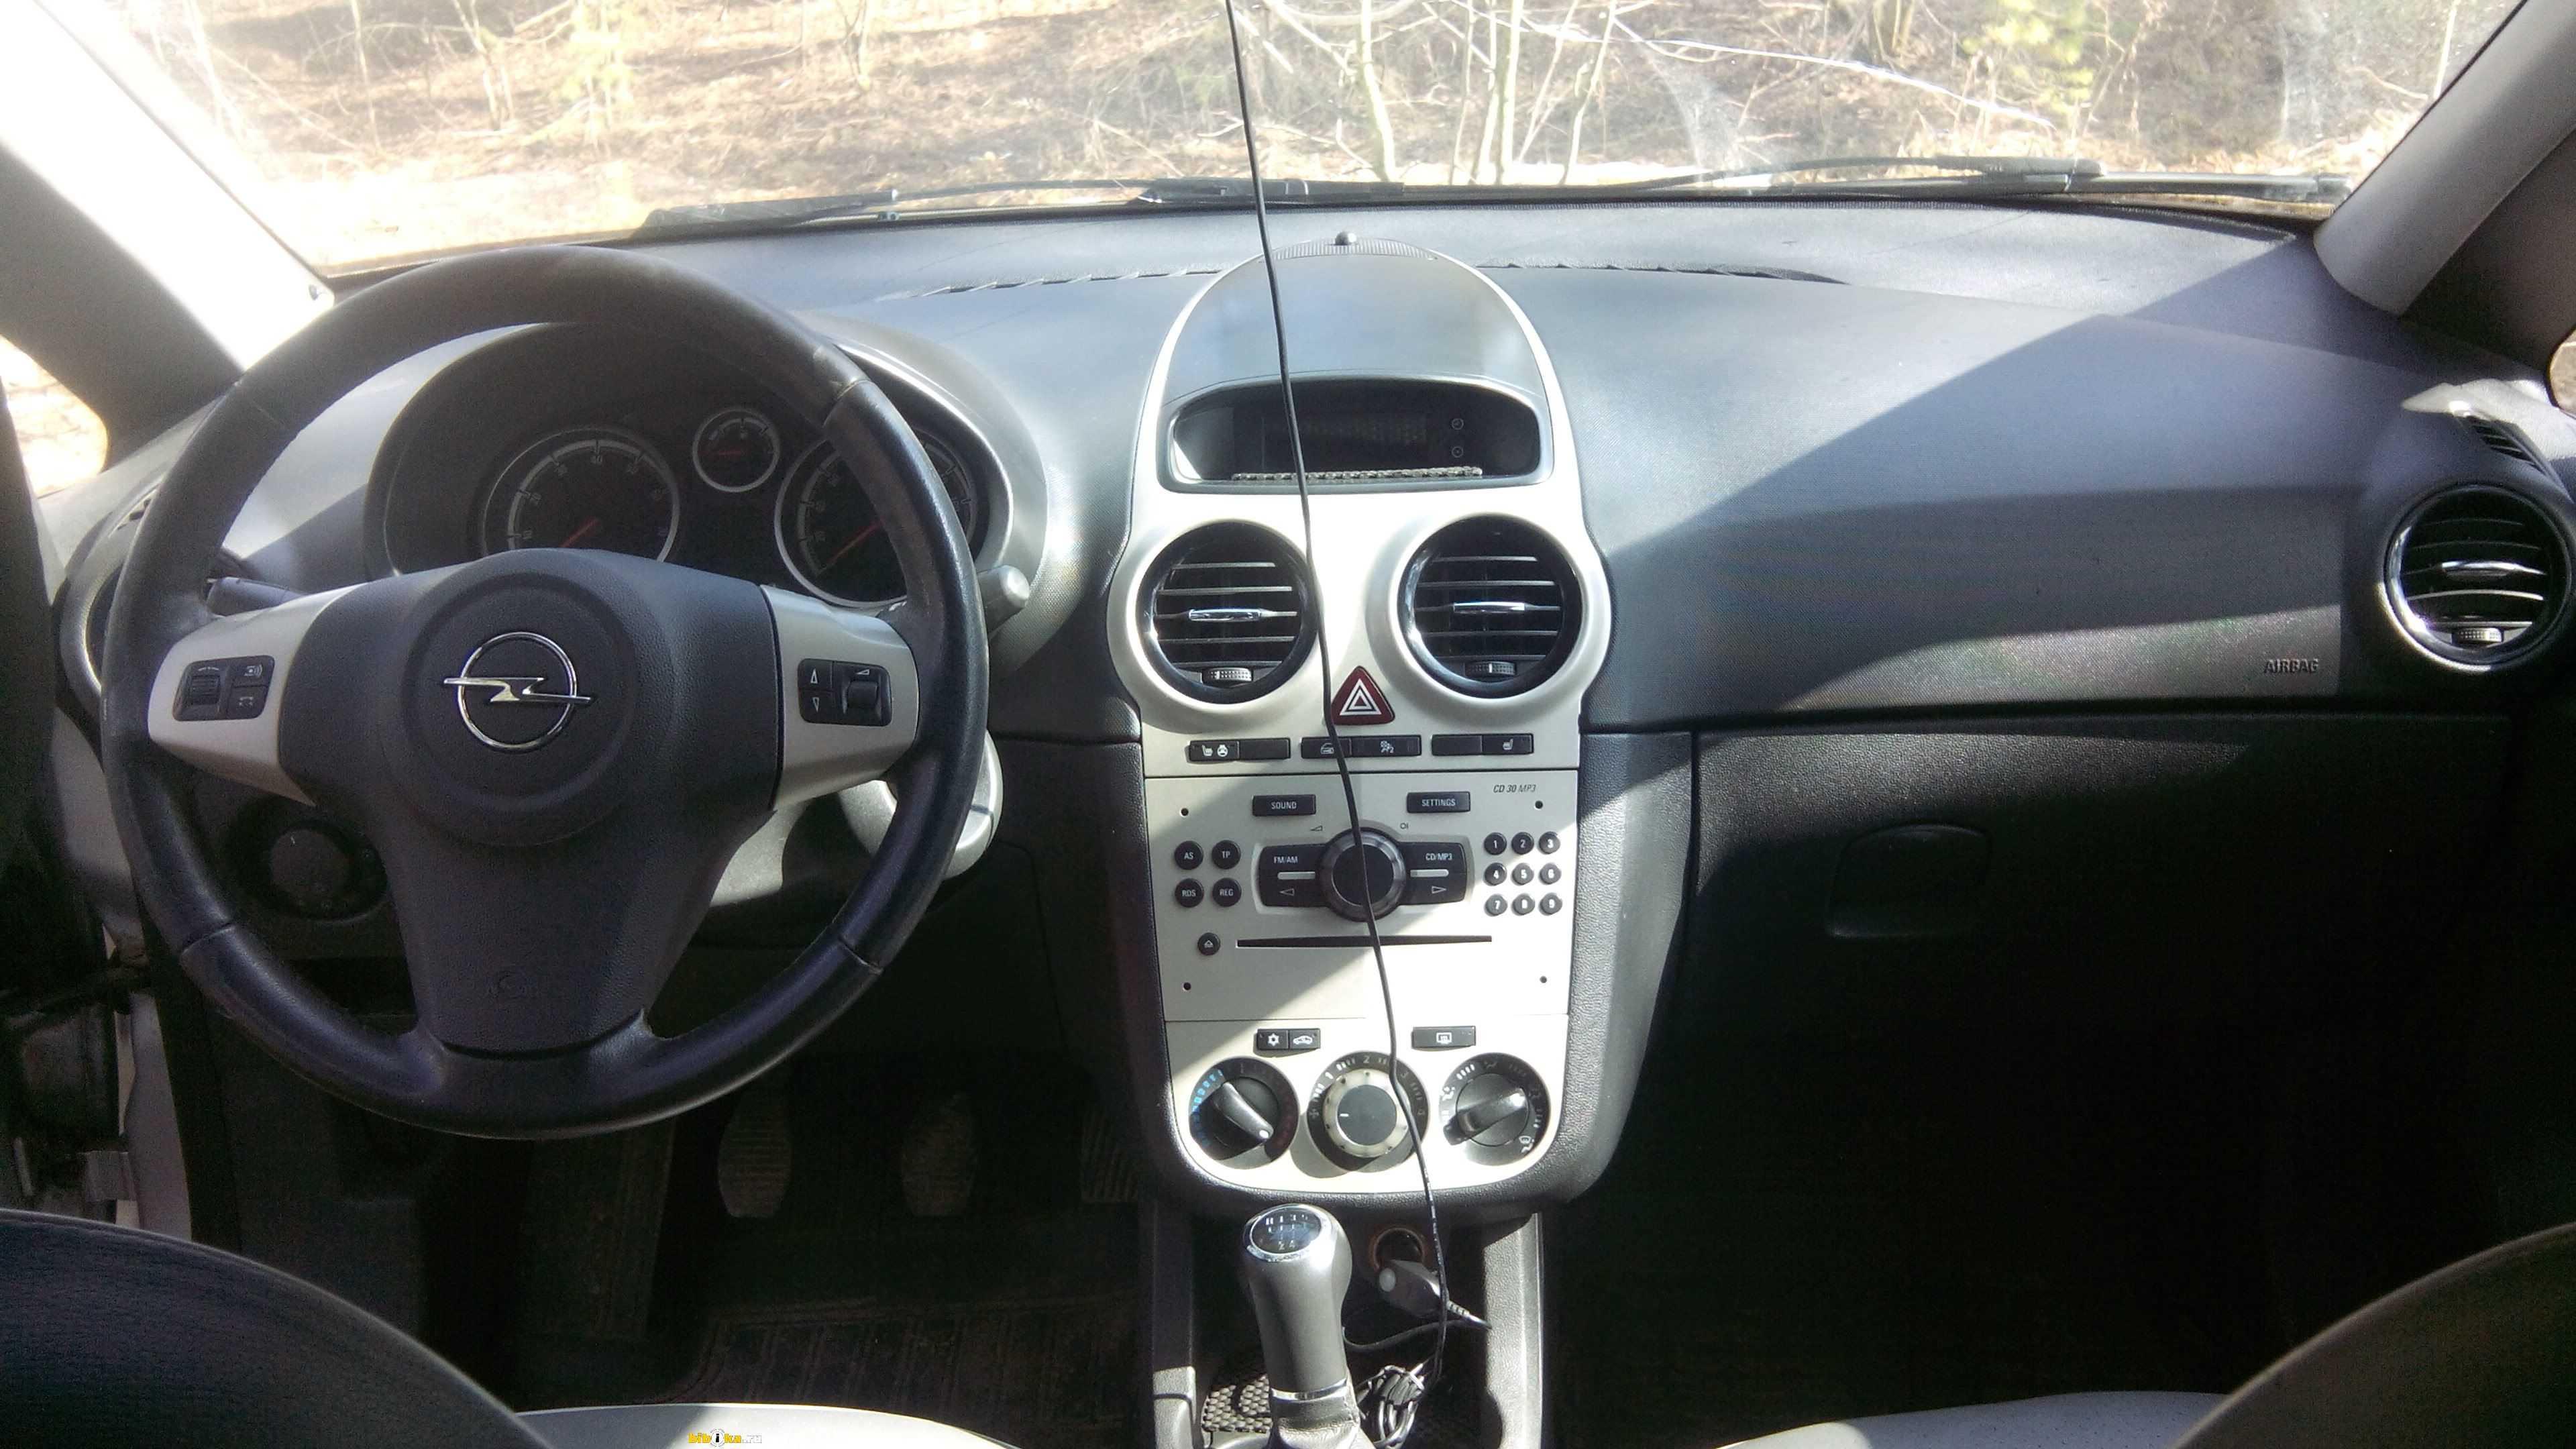 Opel corsa 2008 года, 1.6 литра, машиной владею около 5 месяцев, но corsa у меня уже четвертая по счету, бензин, краснодар, механическая коробка передач